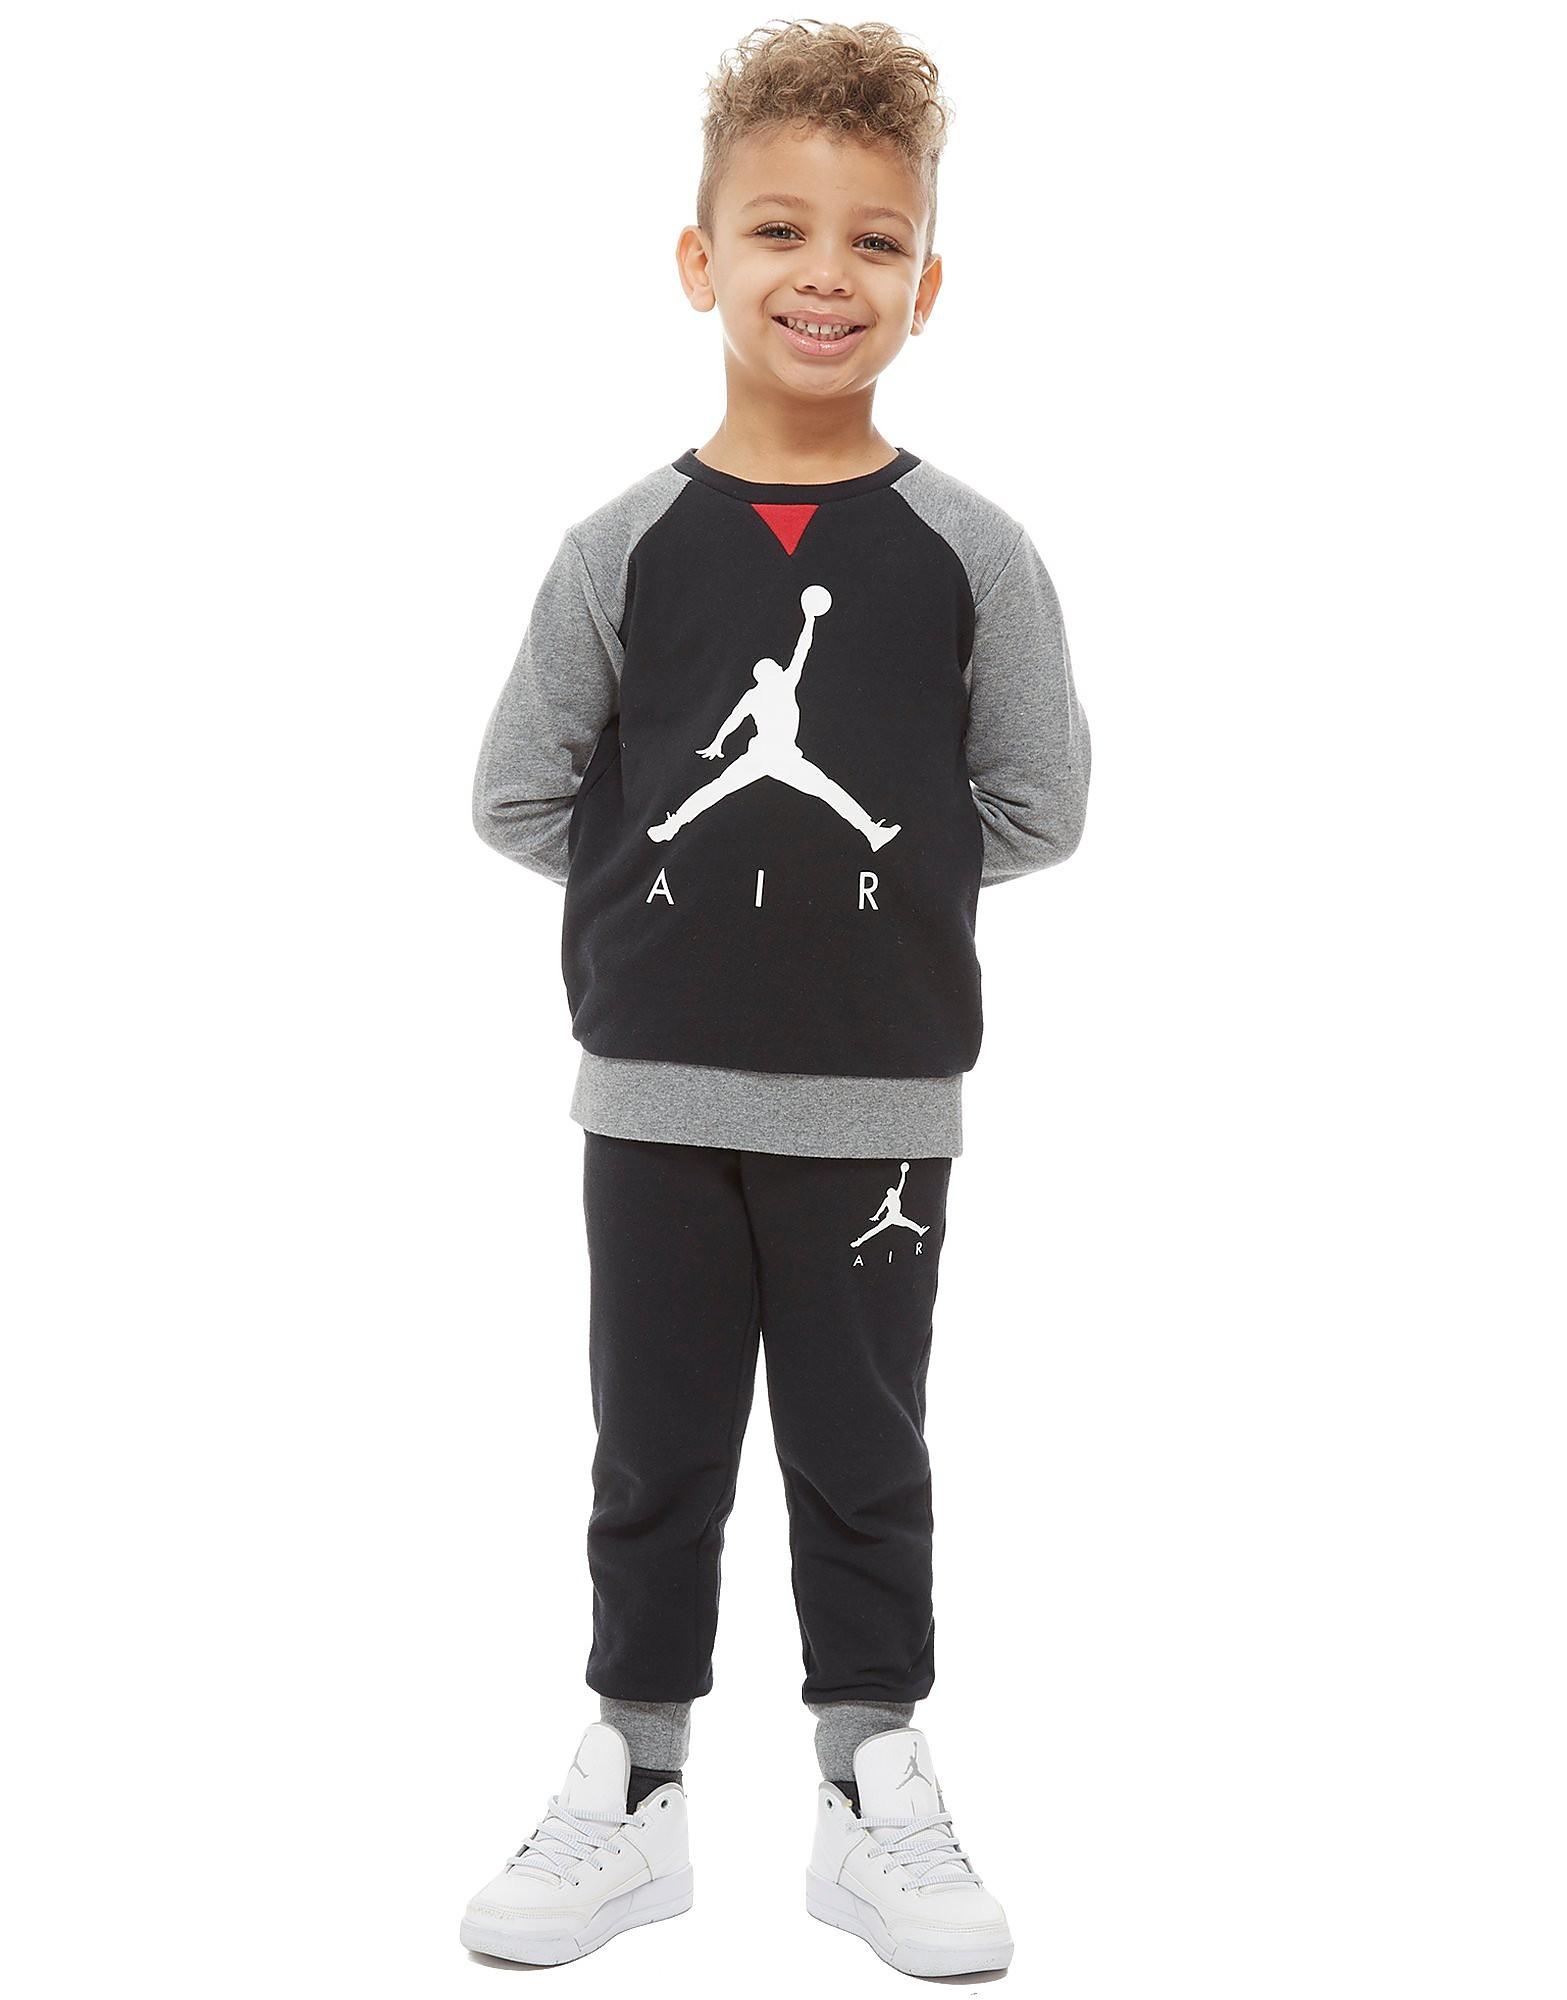 Jordan Air 3 Crew Suit Children